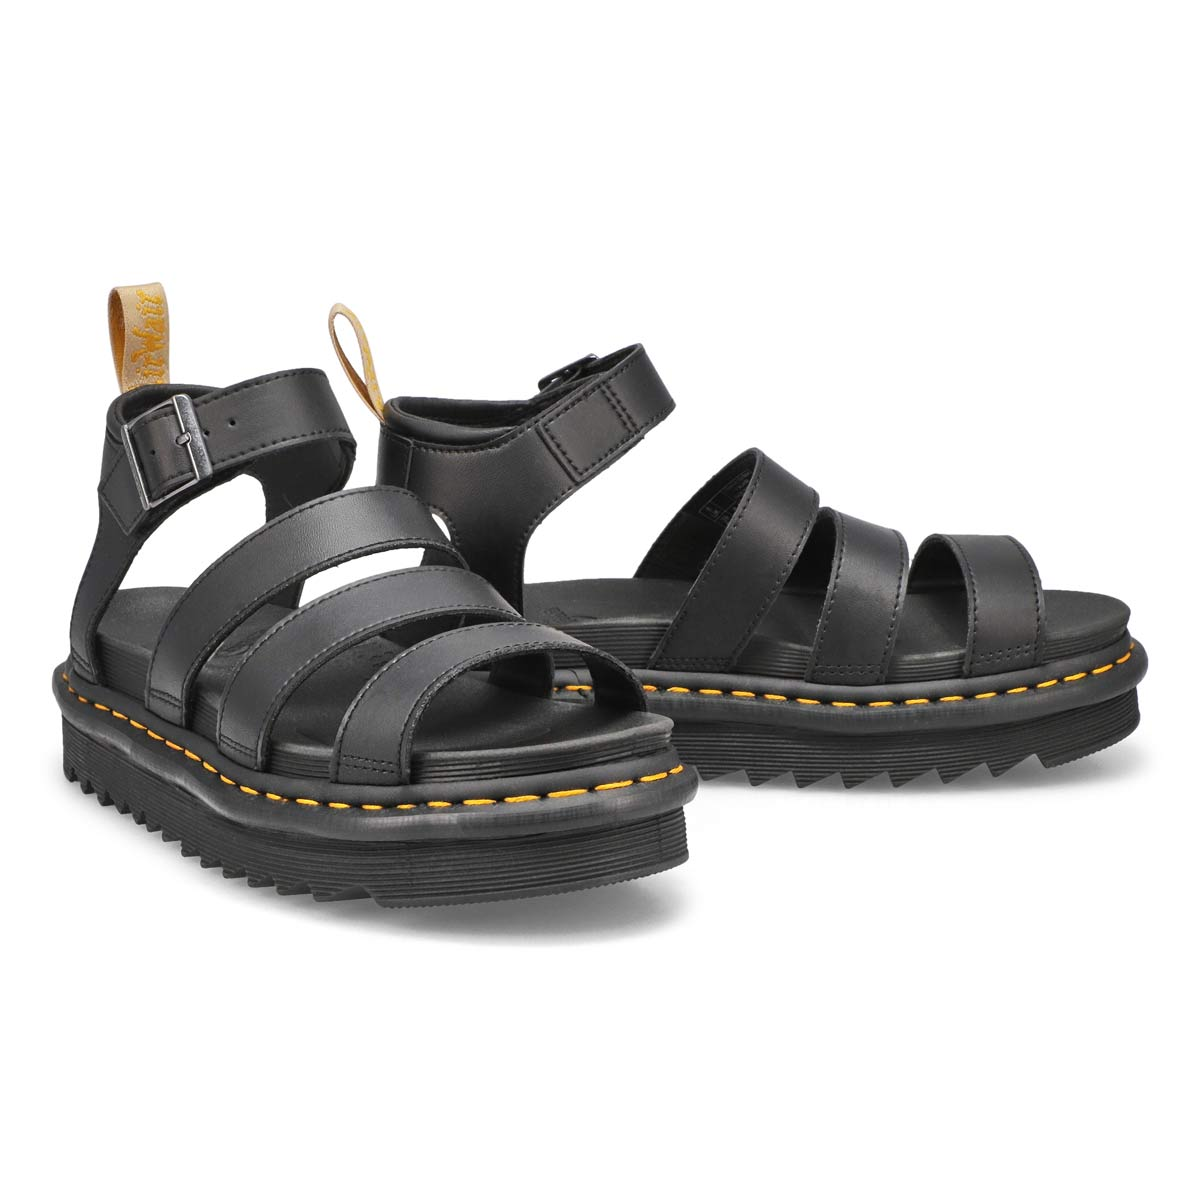 Lds Vegan Blaire black 4 strap sandal